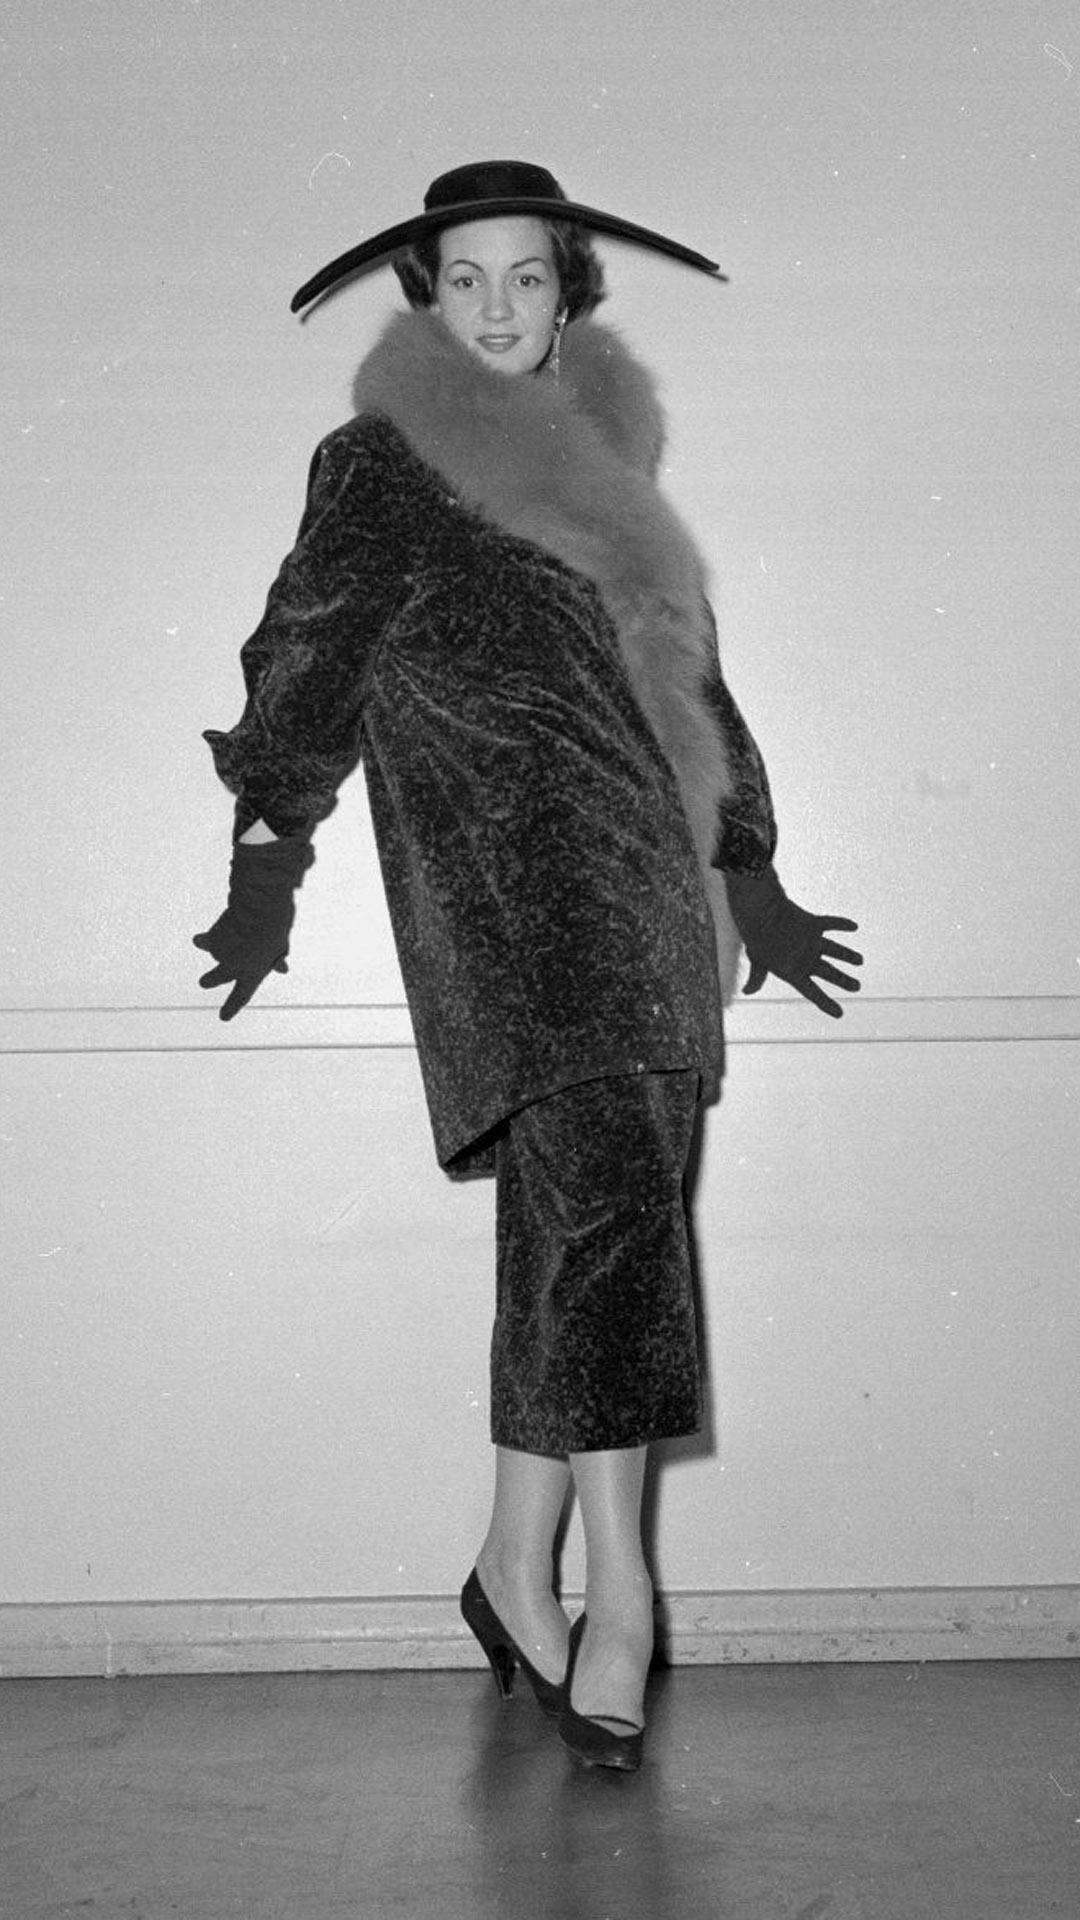 Ranskalainen malli vuodelta 1950. Kuva. Kalle Kultala